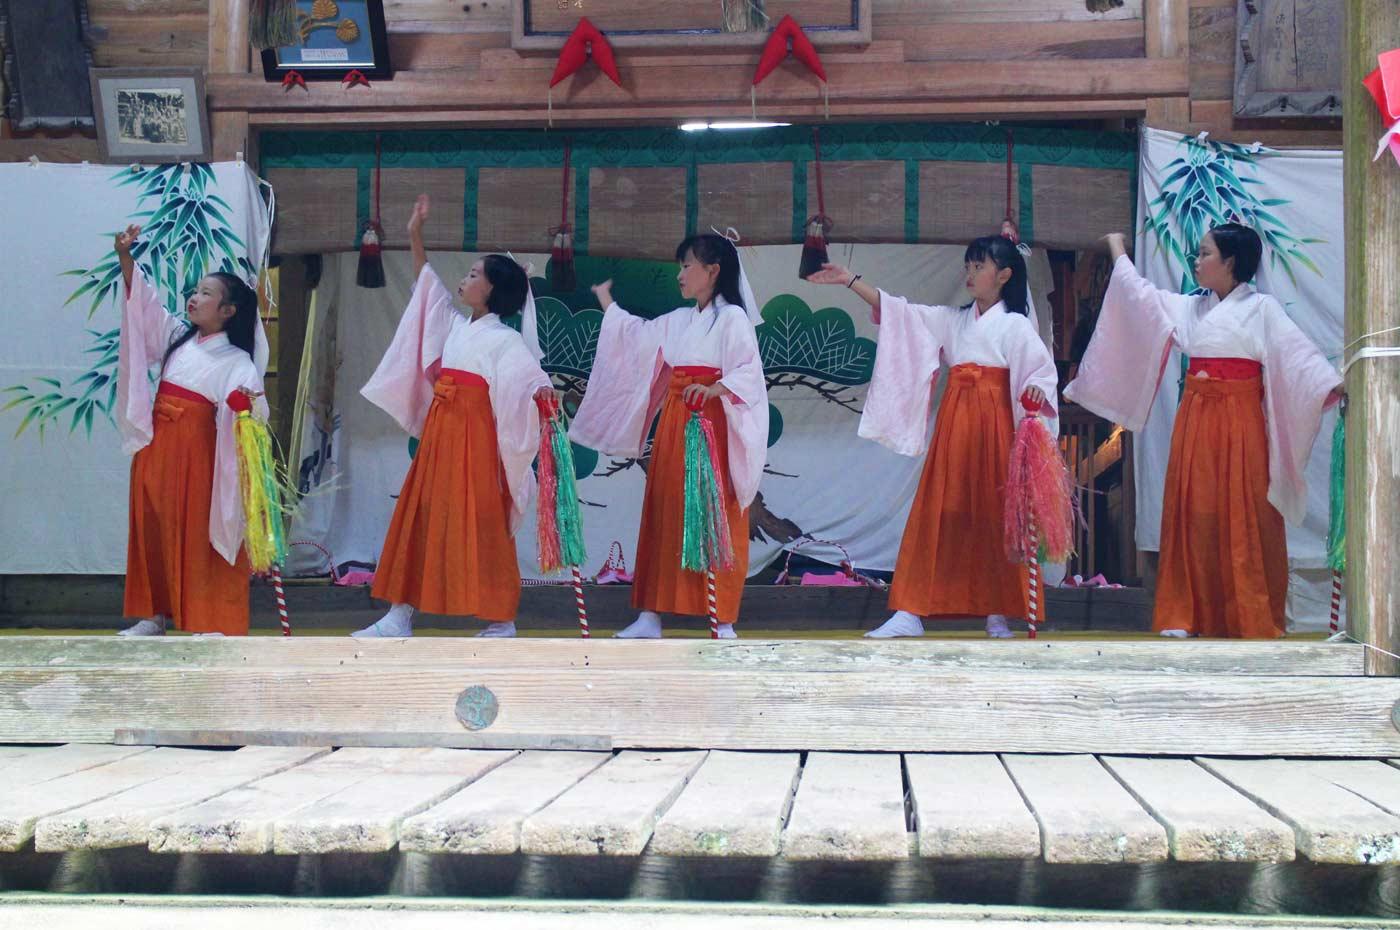 賀茂神社の花踊り飾り棒の舞い